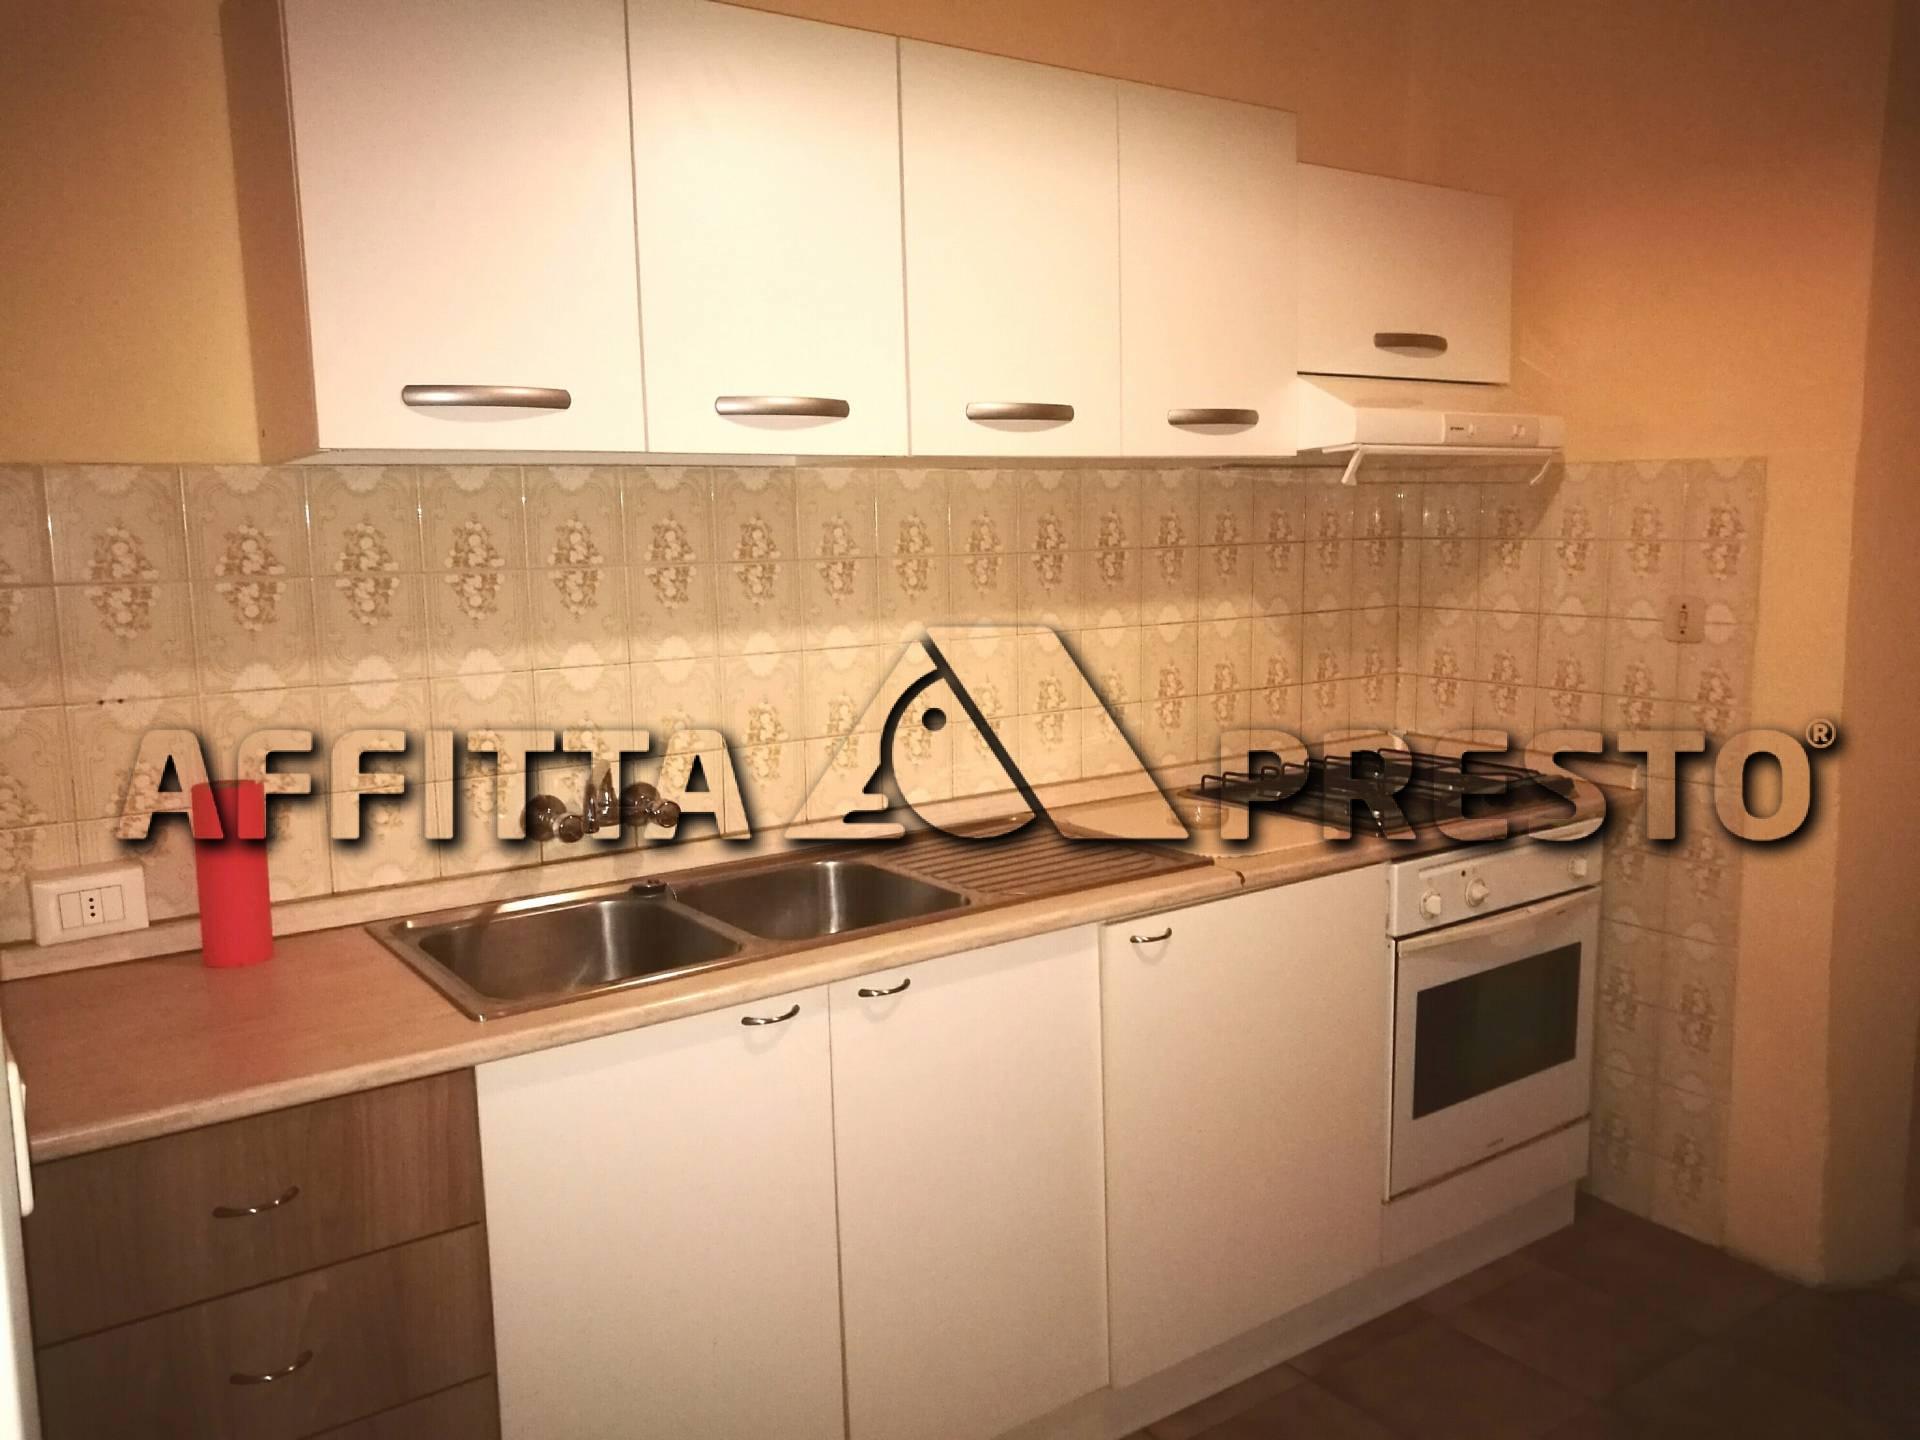 Appartamento in affitto a pontedera - La cucina abusiva pontedera ...